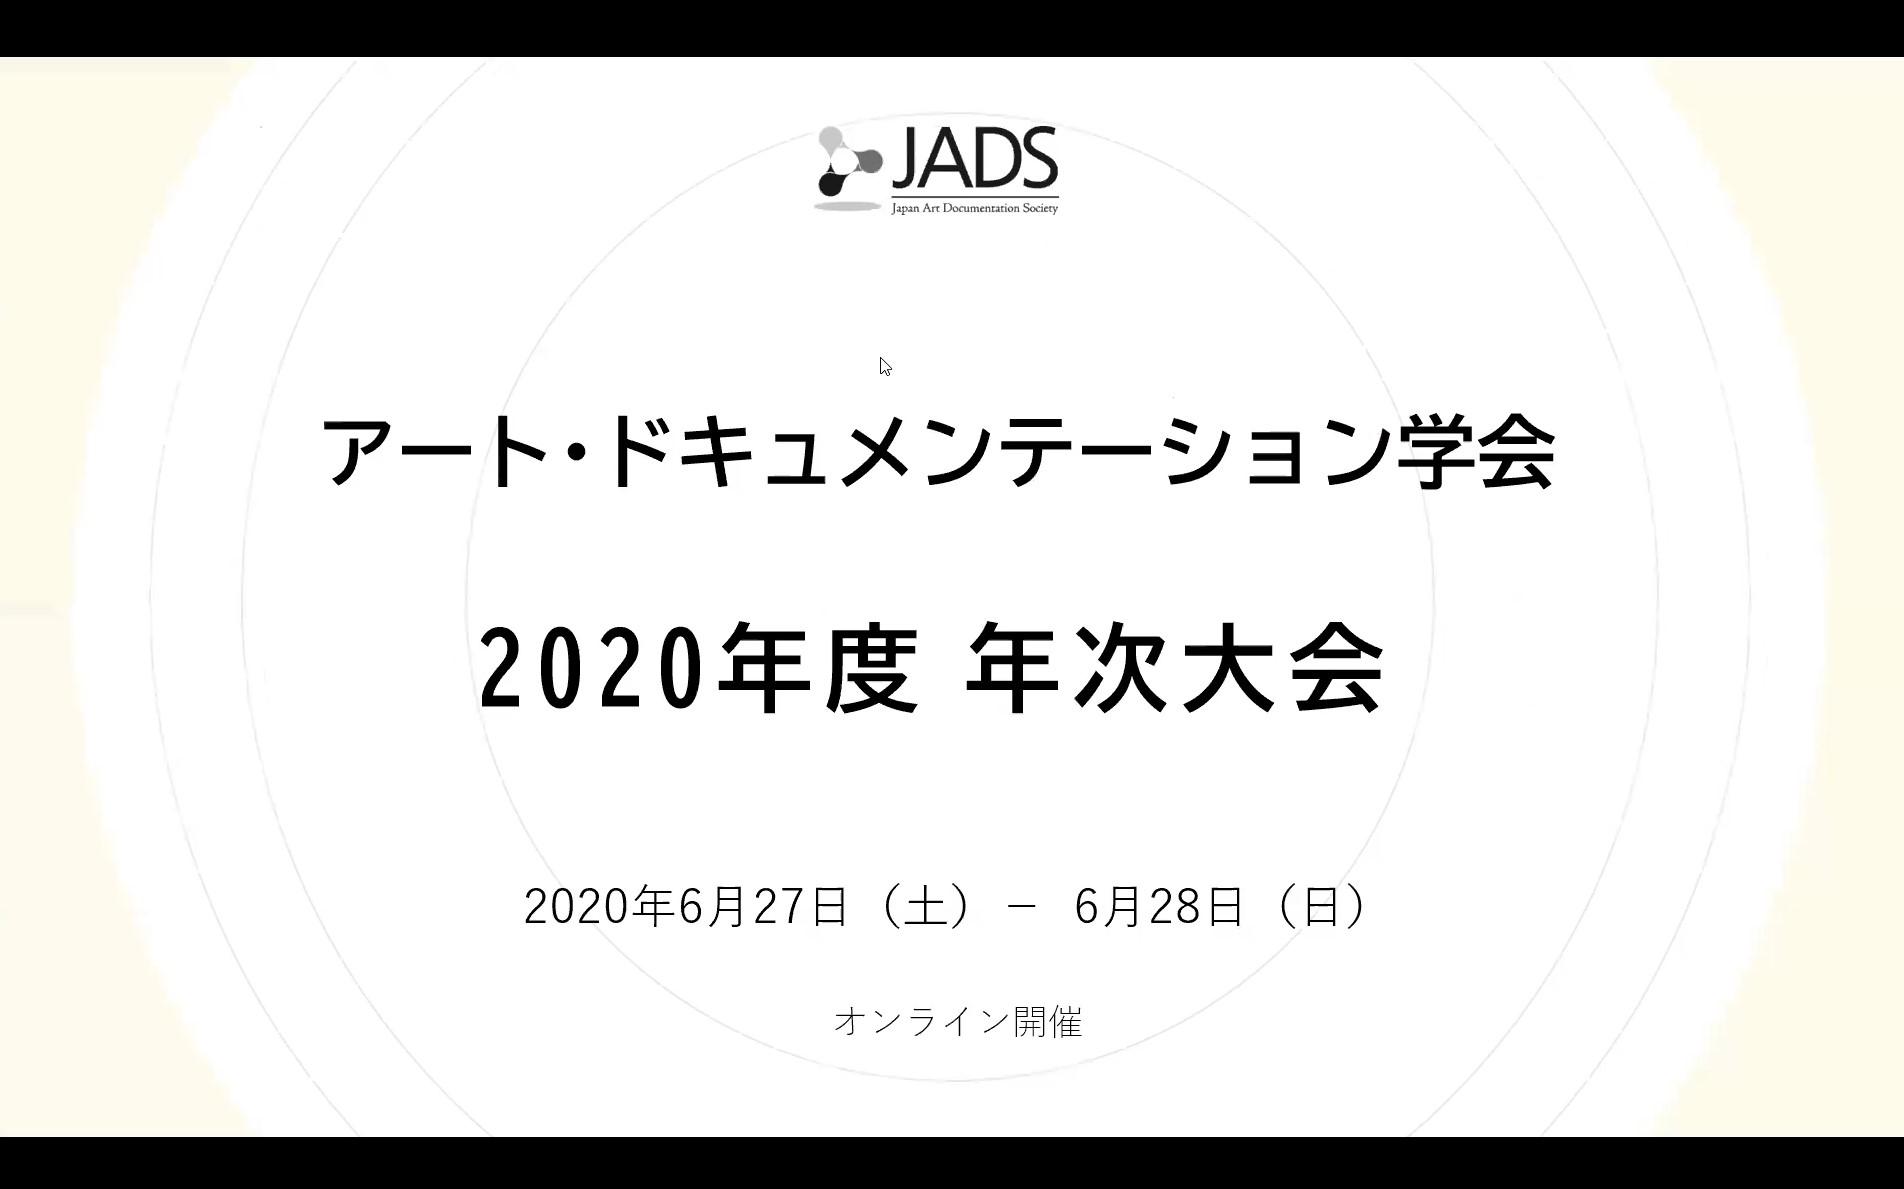 https://www.arc.ritsumei.ac.jp/lib/app/newarc/news/title.jpg